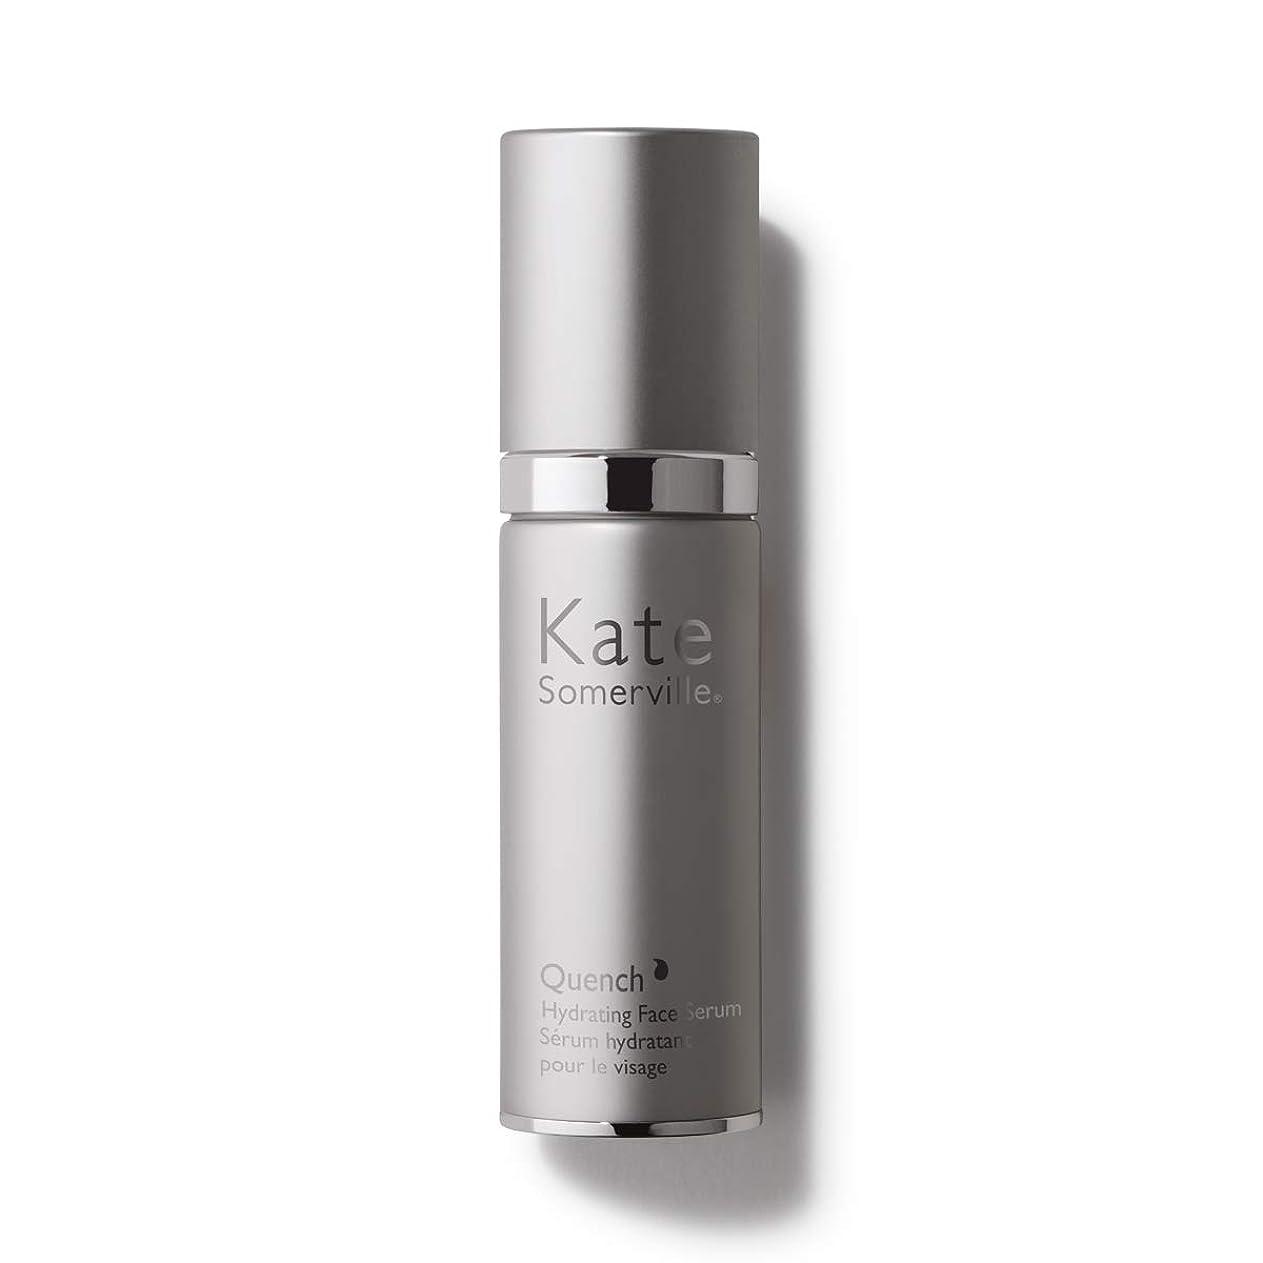 広々生きる役割【並行輸入品】Kate Somerville Quench Hydrating Face Serum 1 oz